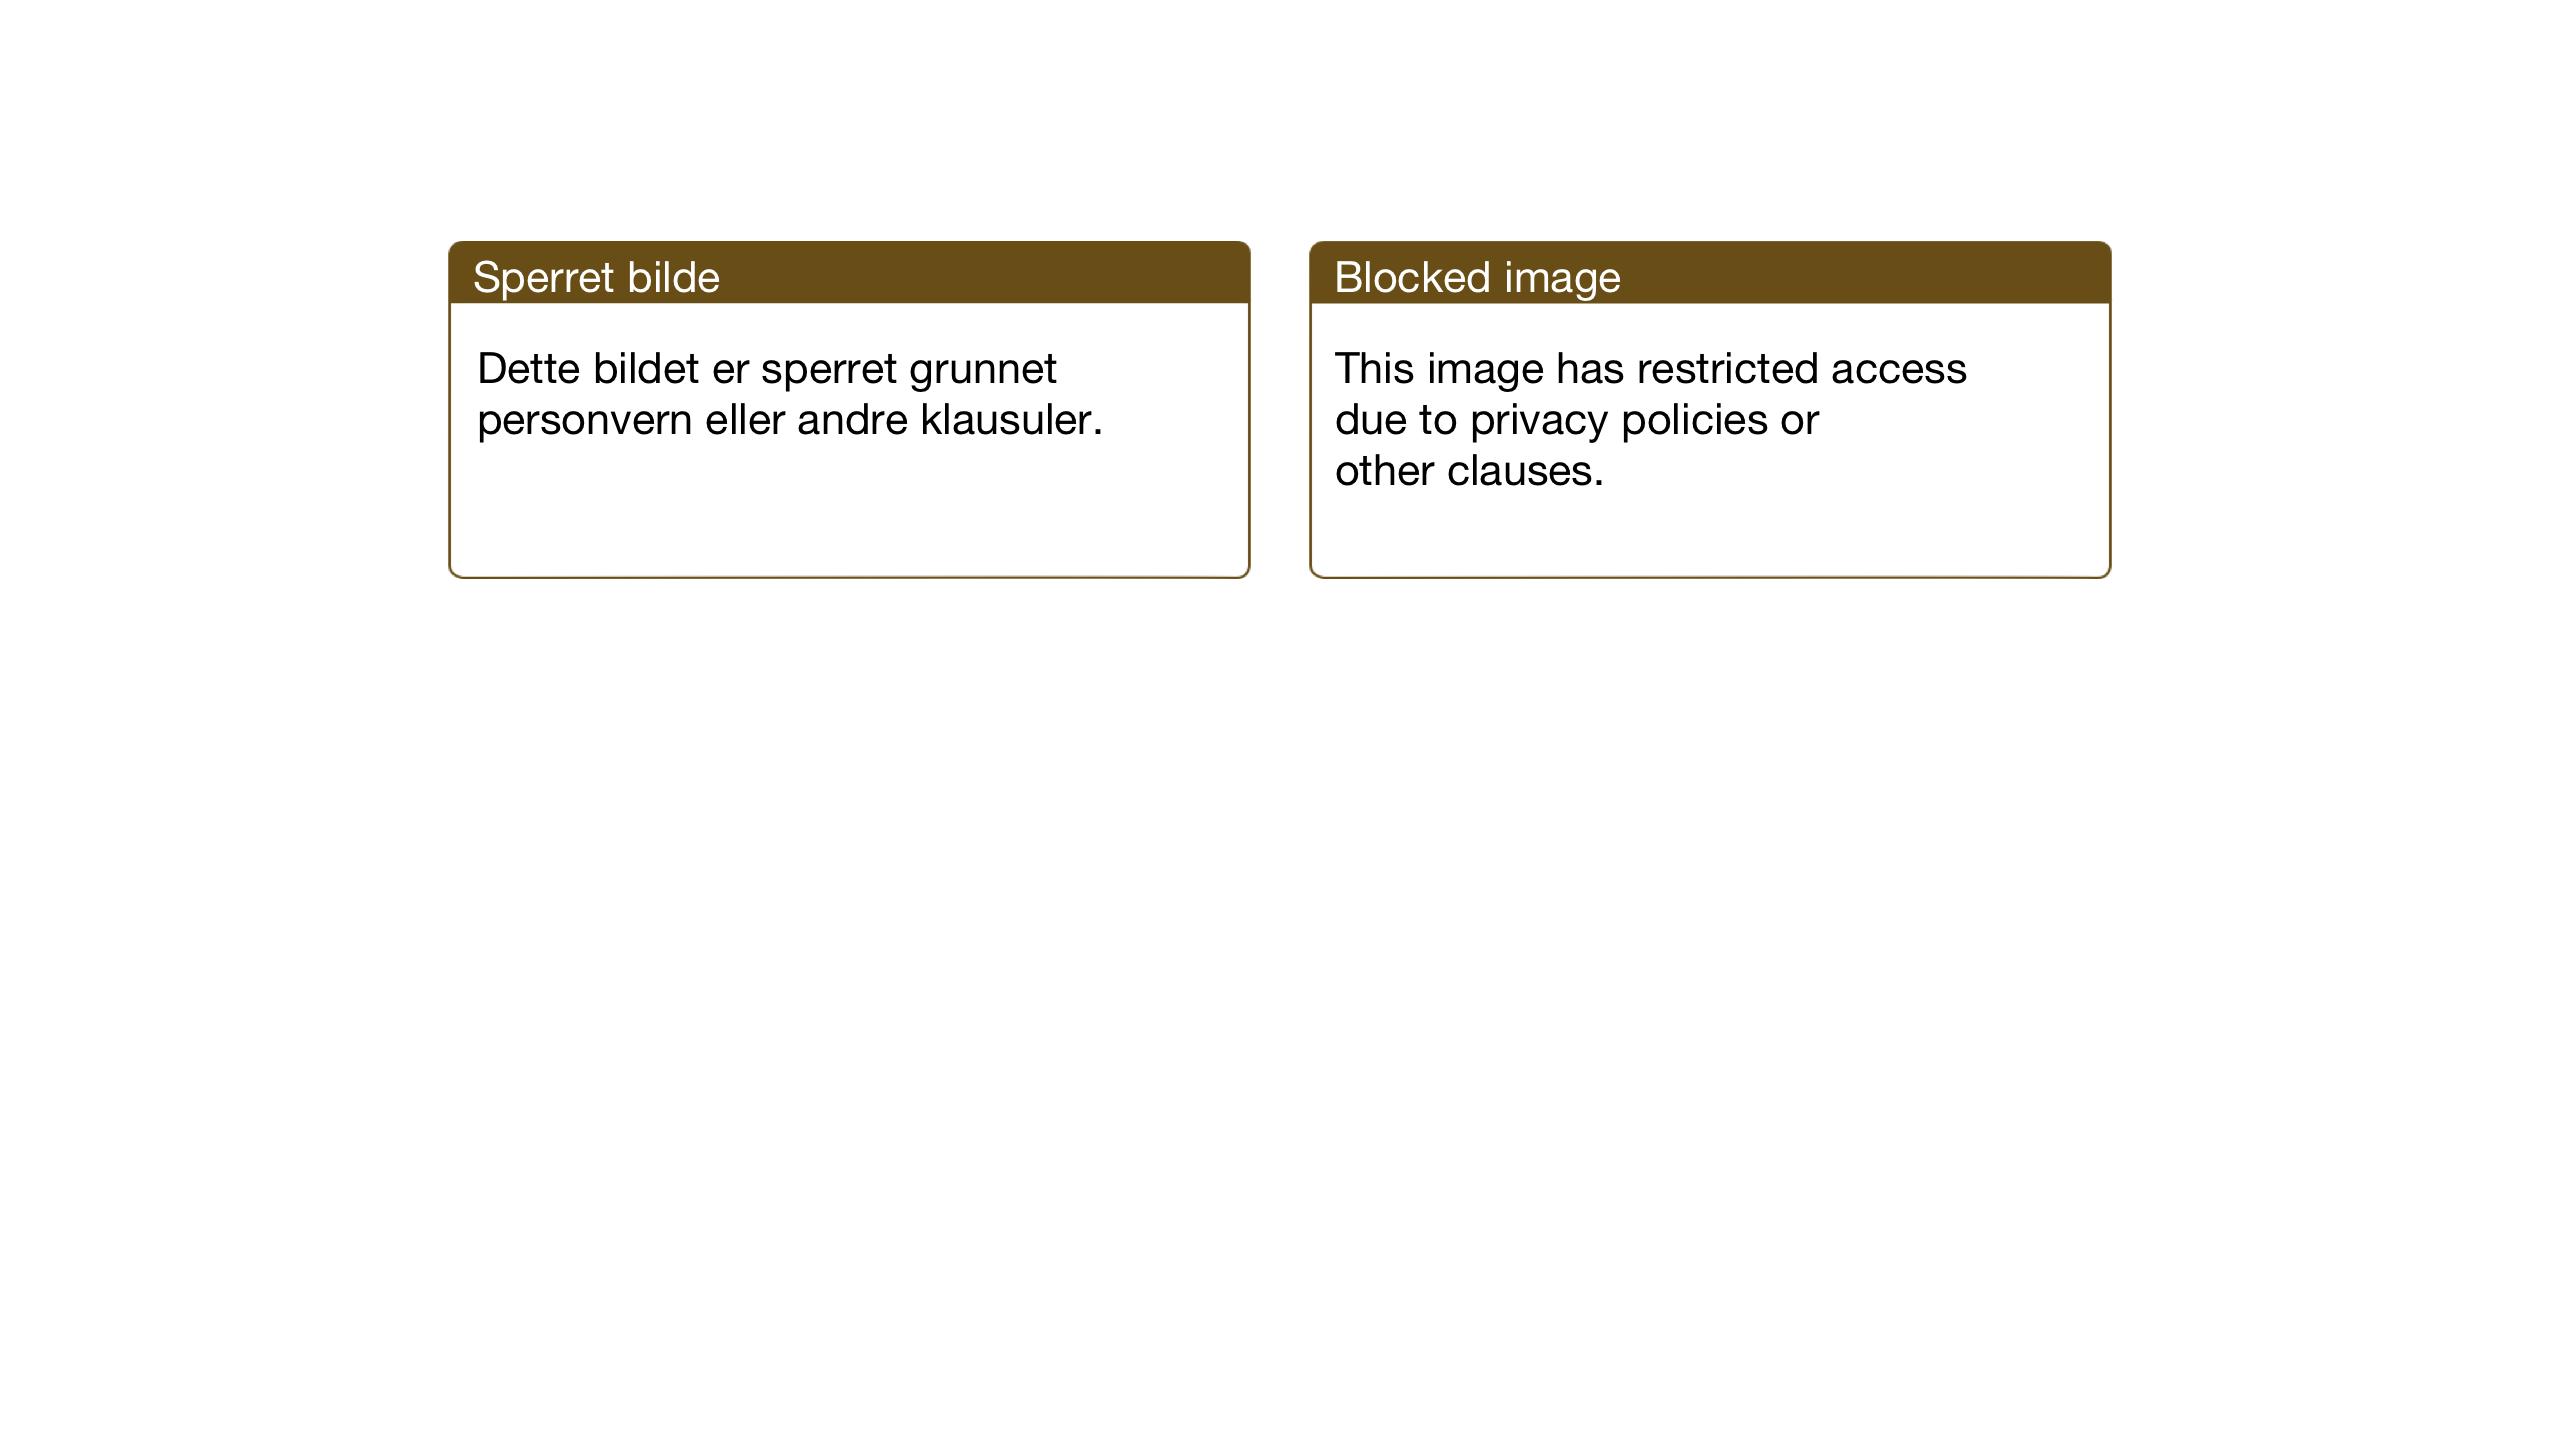 SAT, Ministerialprotokoller, klokkerbøker og fødselsregistre - Sør-Trøndelag, 682/L0947: Klokkerbok nr. 682C01, 1926-1968, s. 151